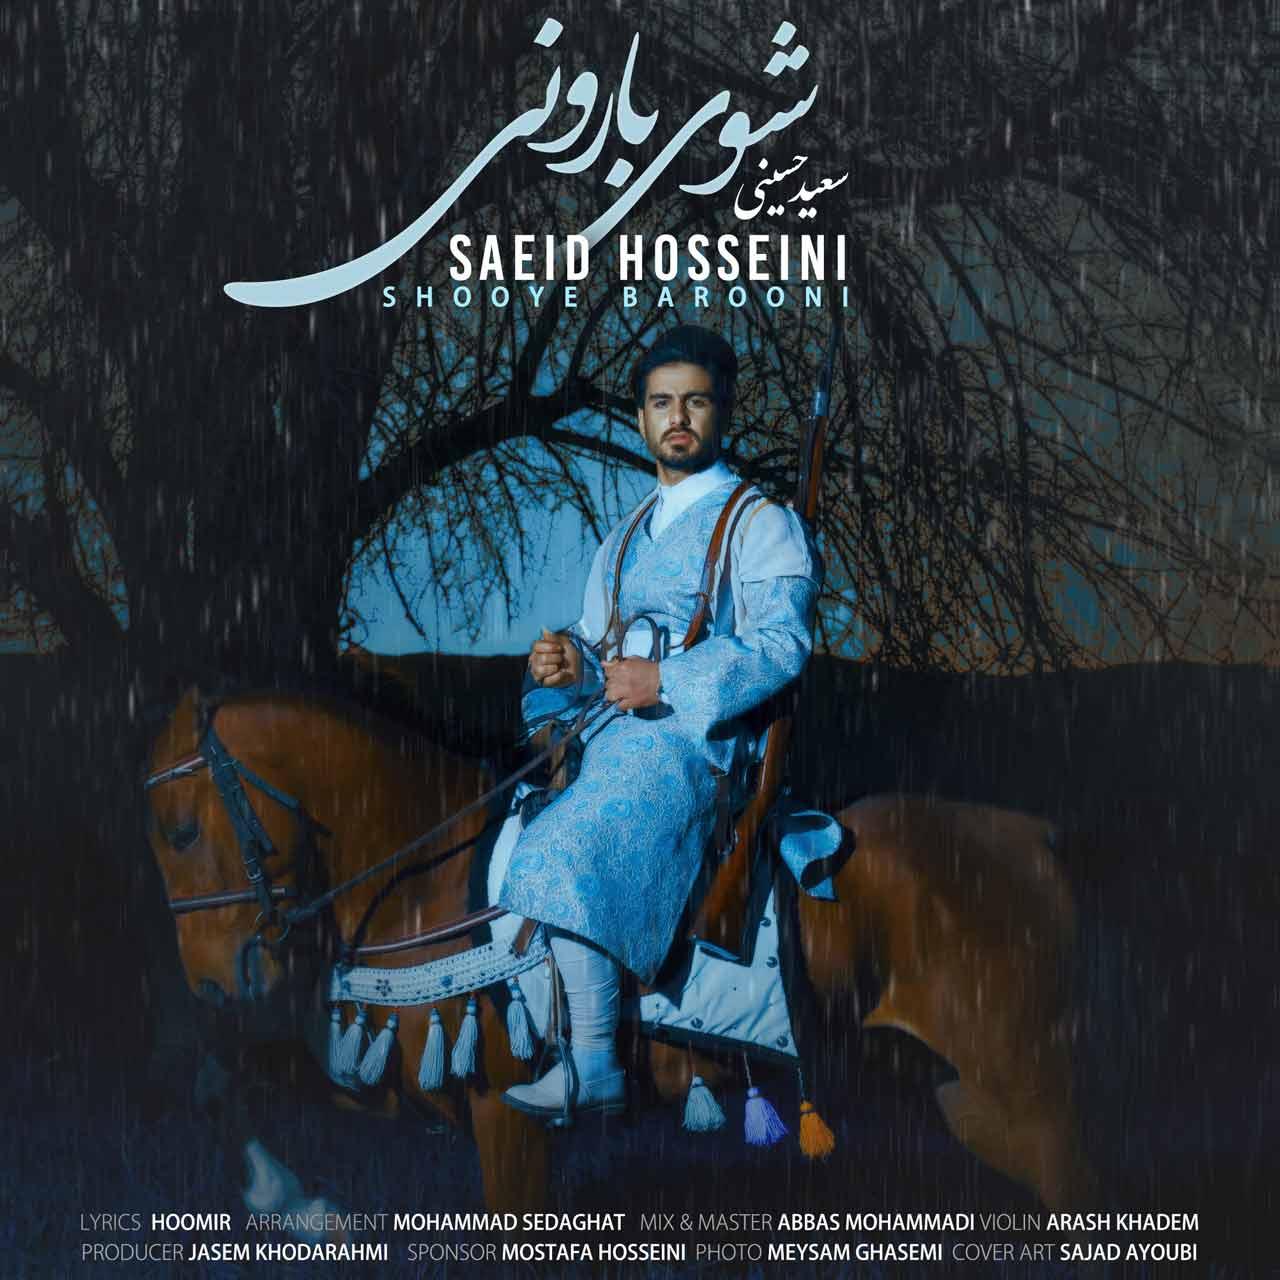 دانلود آهنگ شوی بارونی از سعید حسینی